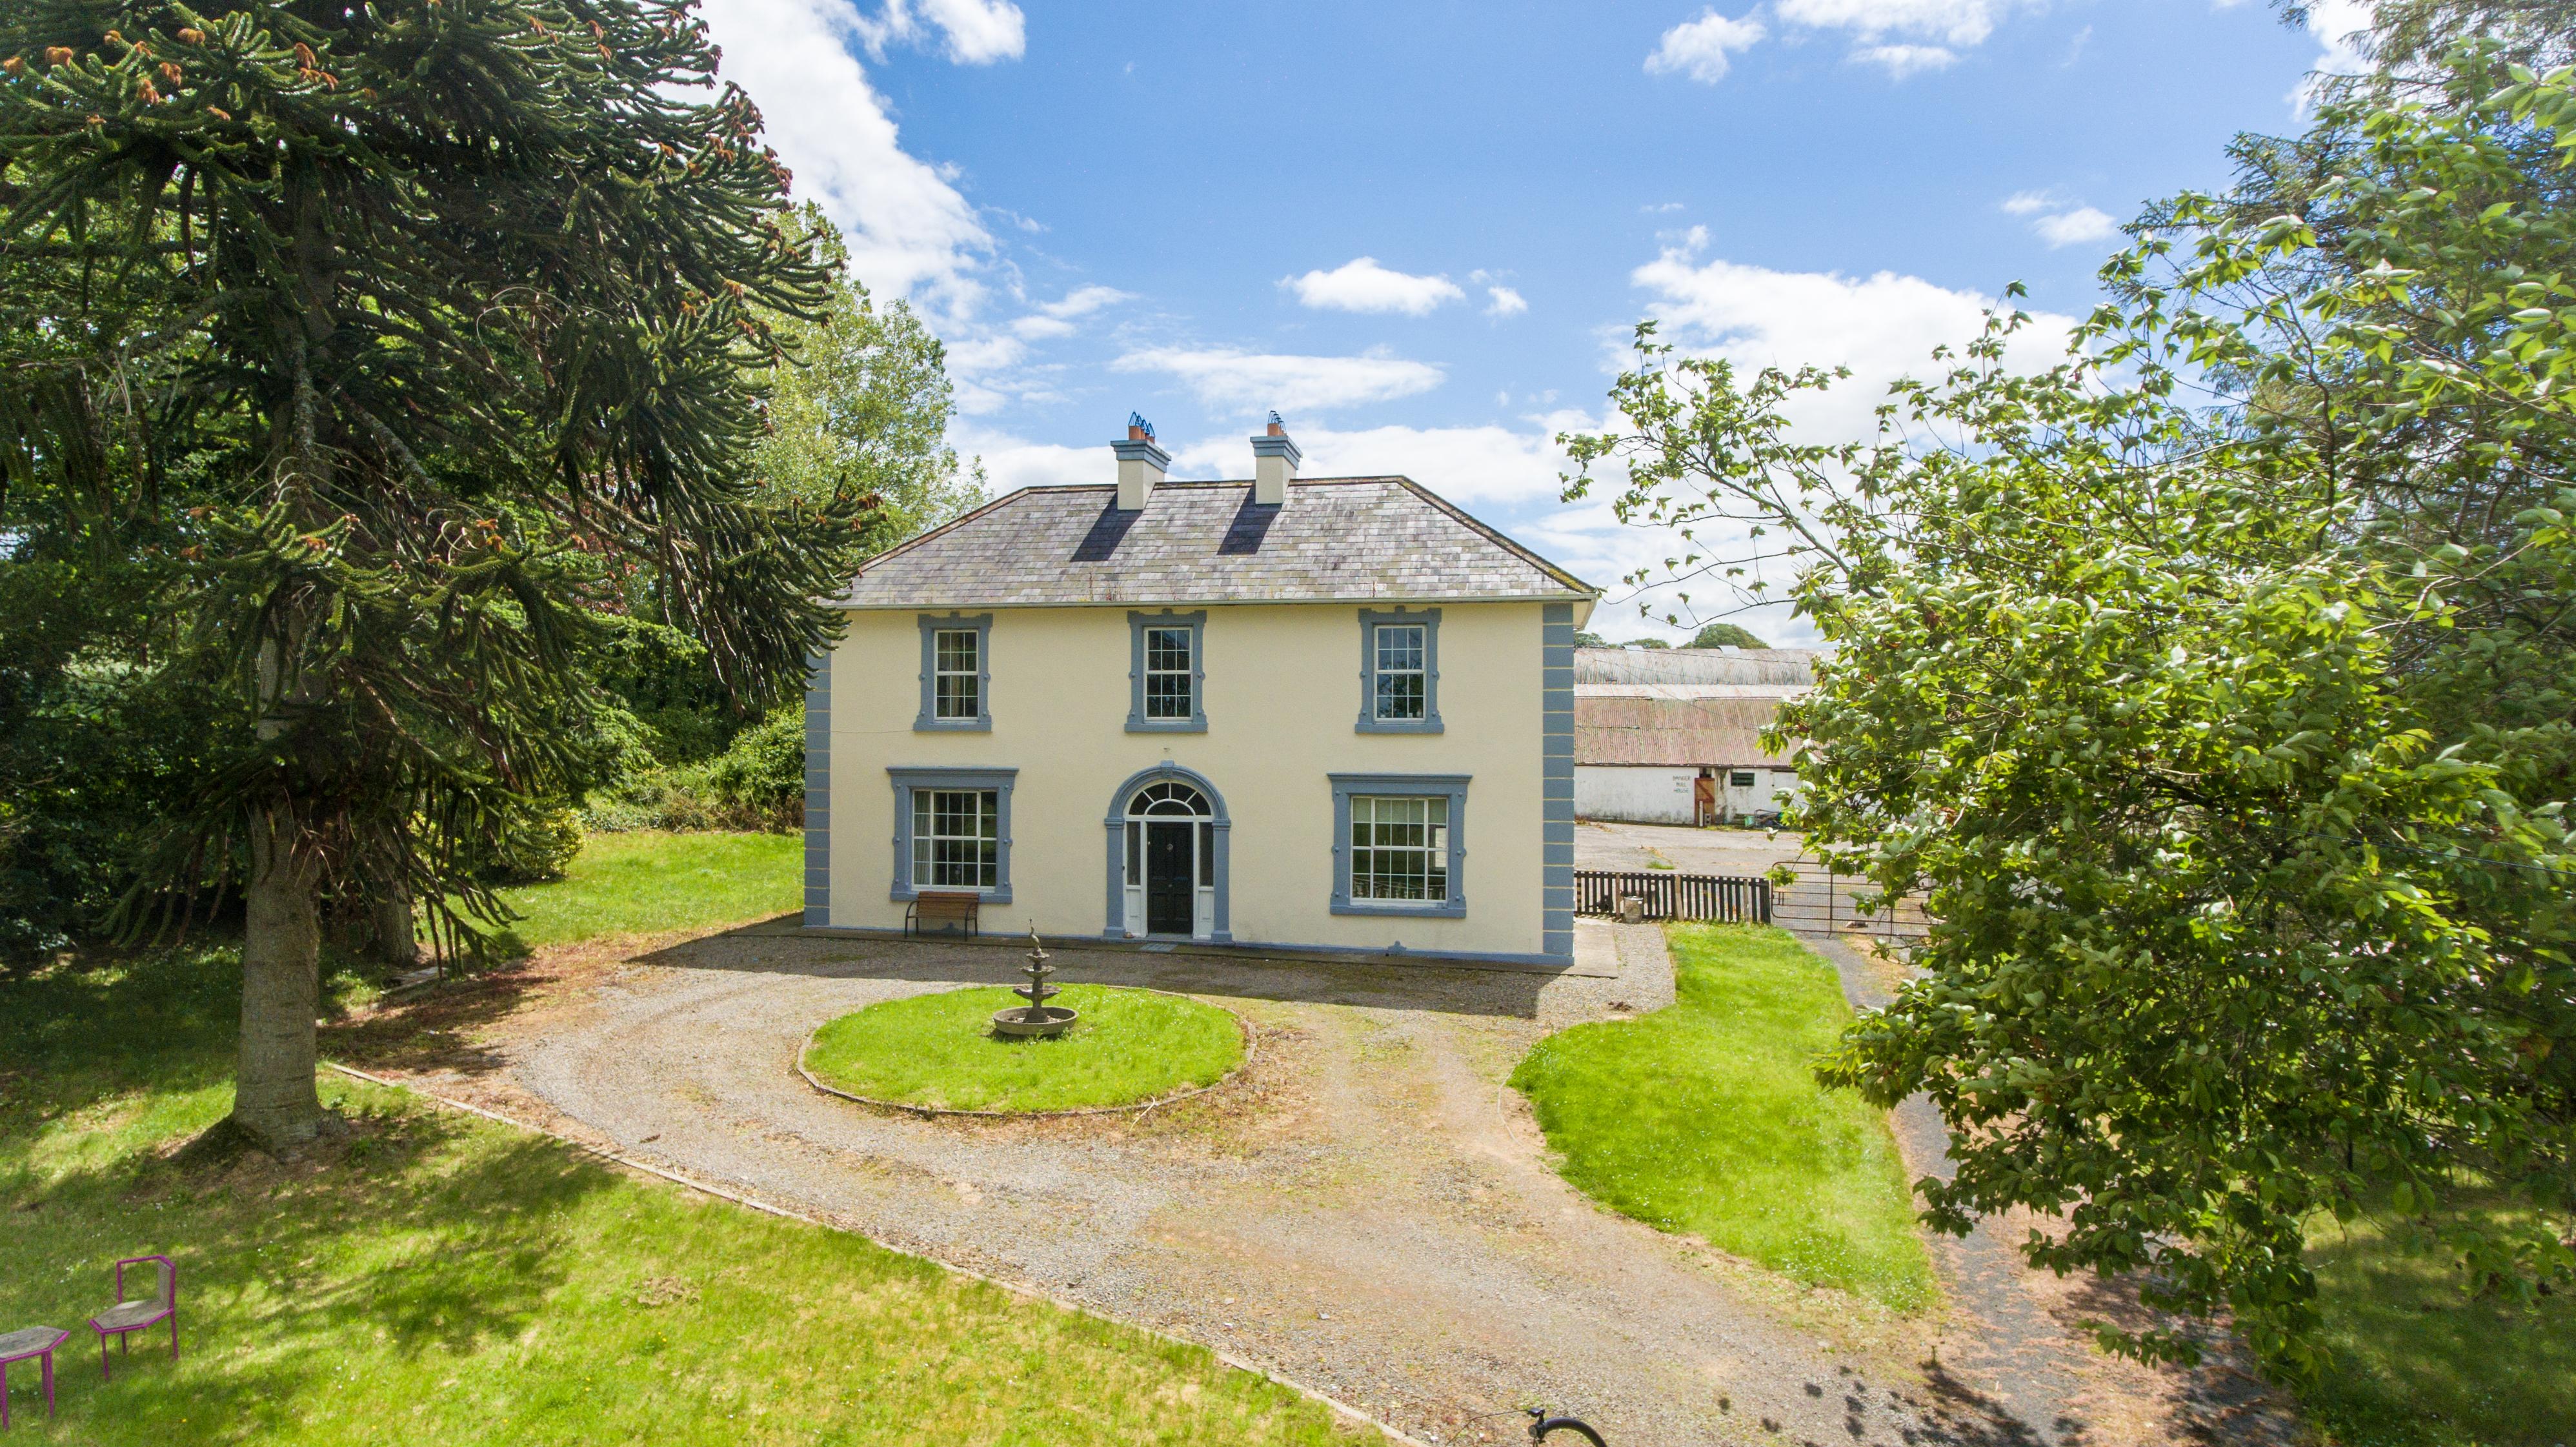 Ballinlough House, Ballinlough, Kilteely, Co. Limerick